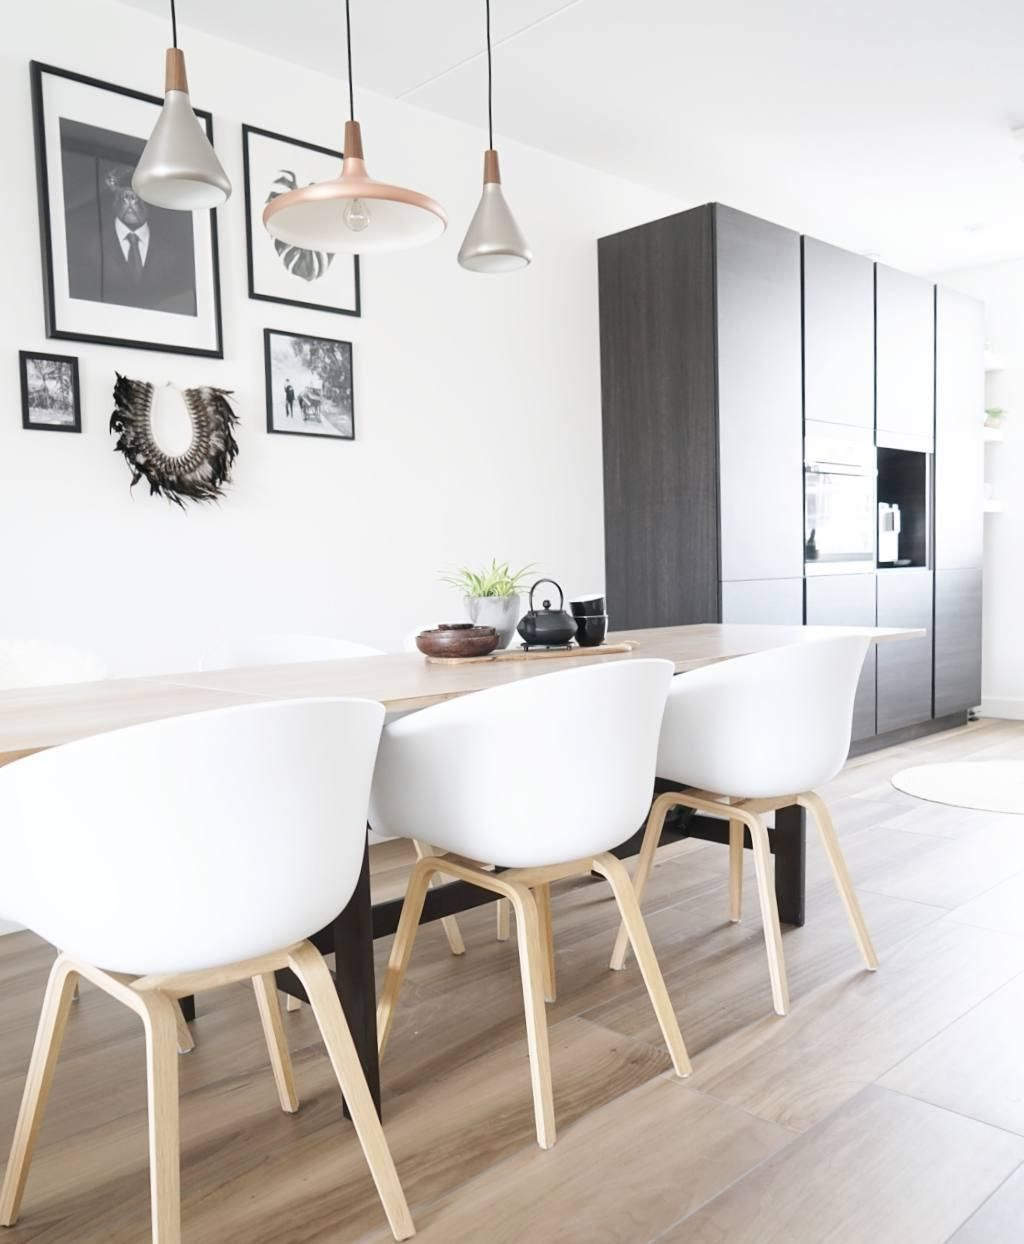 armlehnstuhl claire esszimmer pinterest esszimmer st hle und esszimmer einrichten. Black Bedroom Furniture Sets. Home Design Ideas